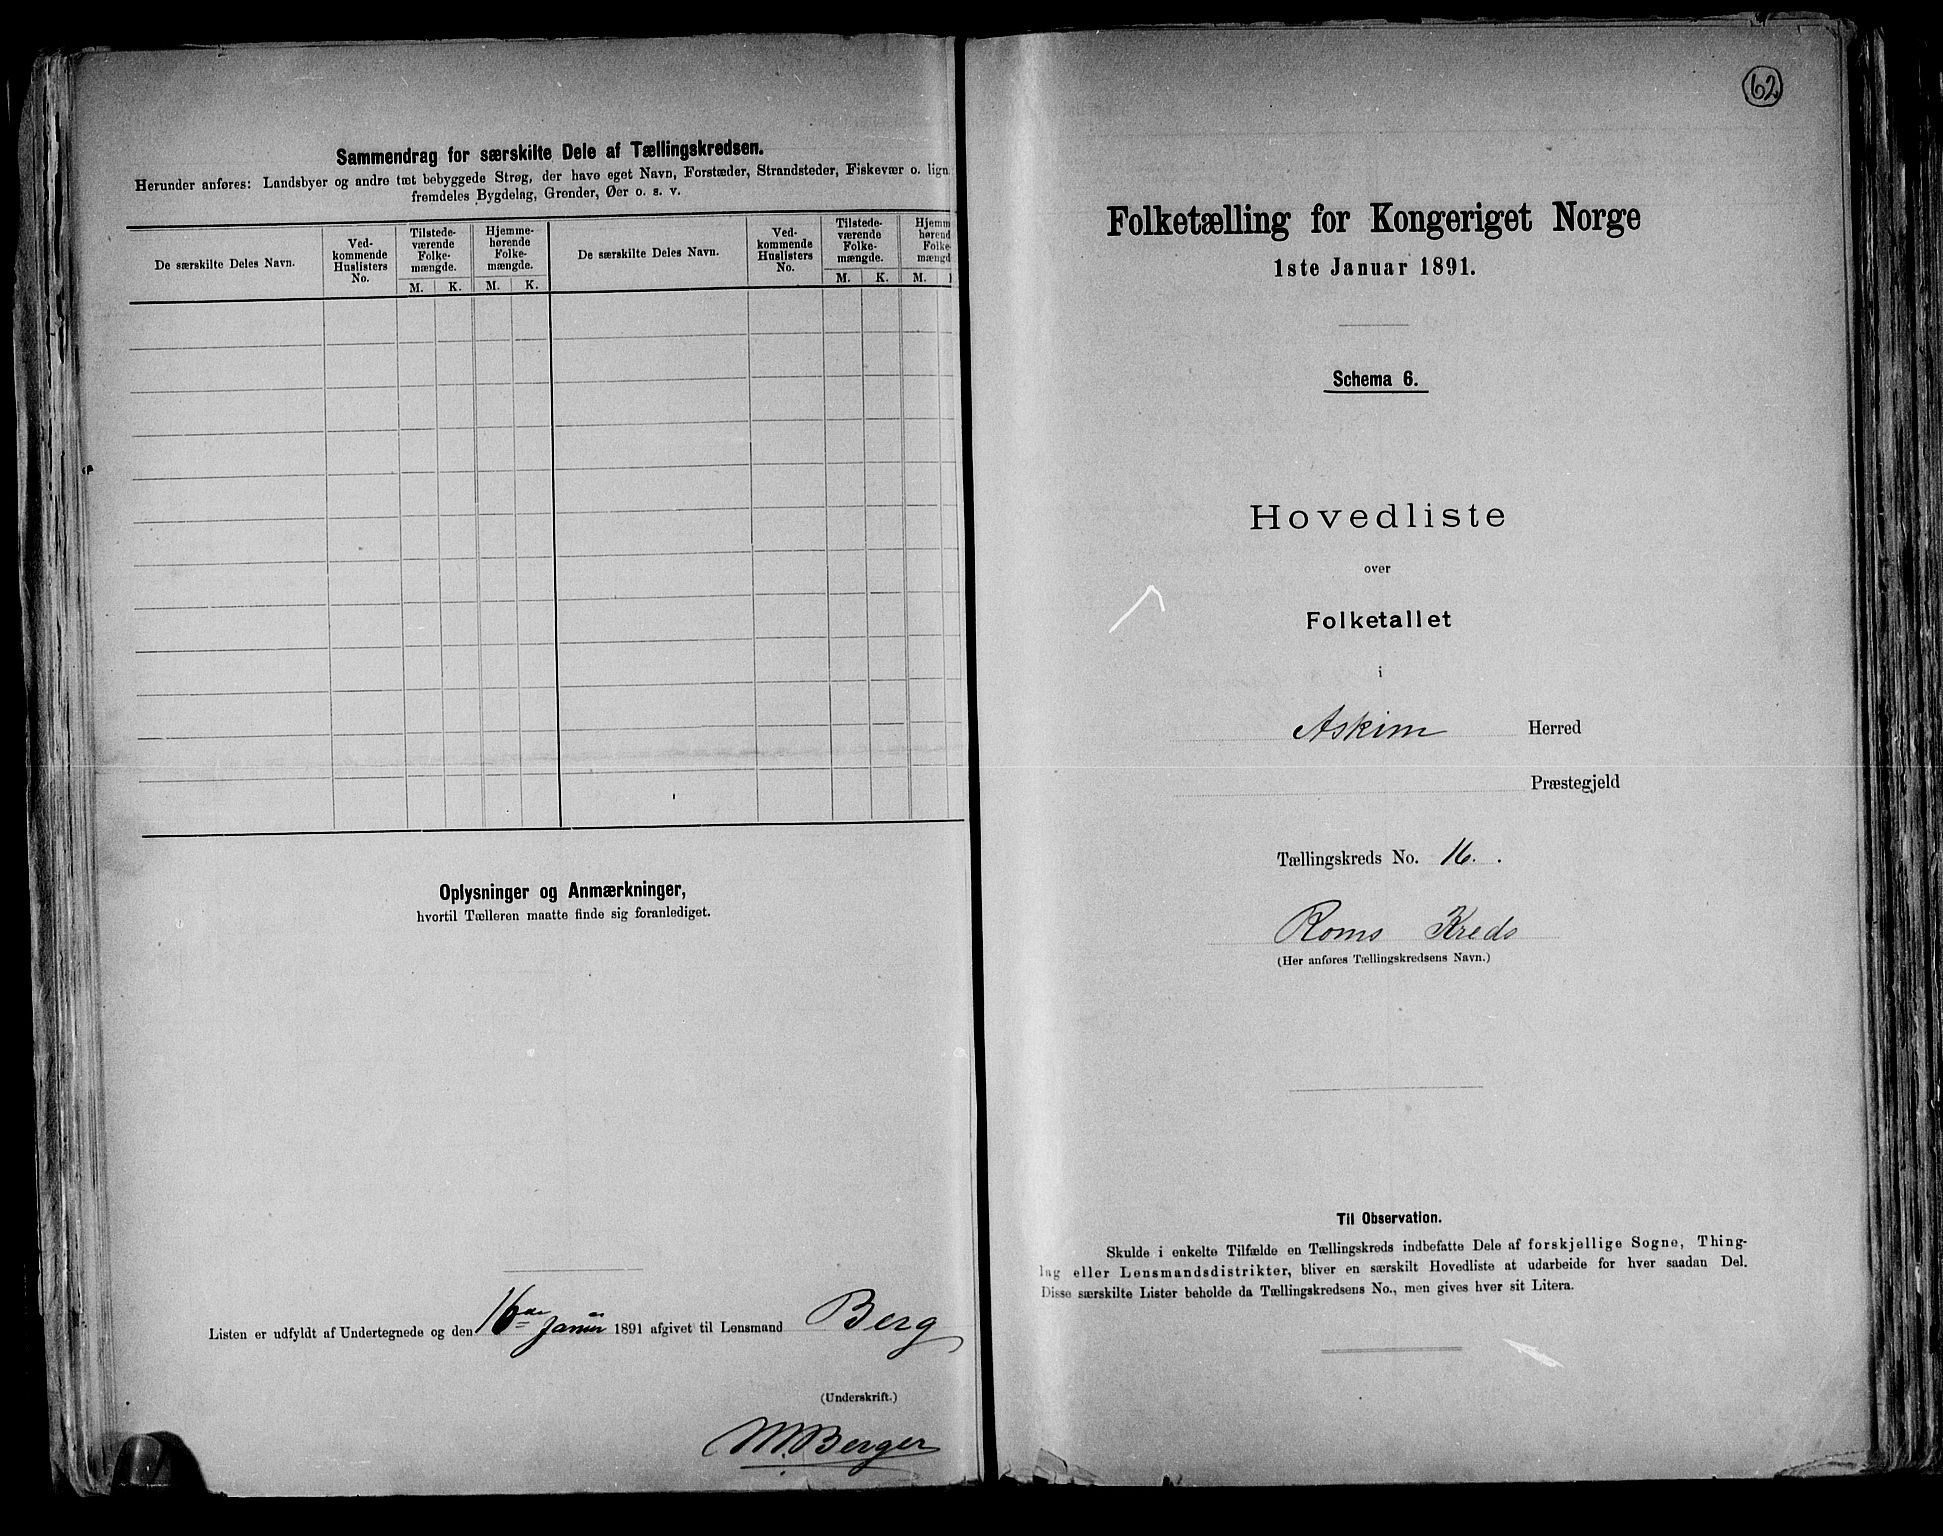 RA, Folketelling 1891 for 0124 Askim herred, 1891, s. 36